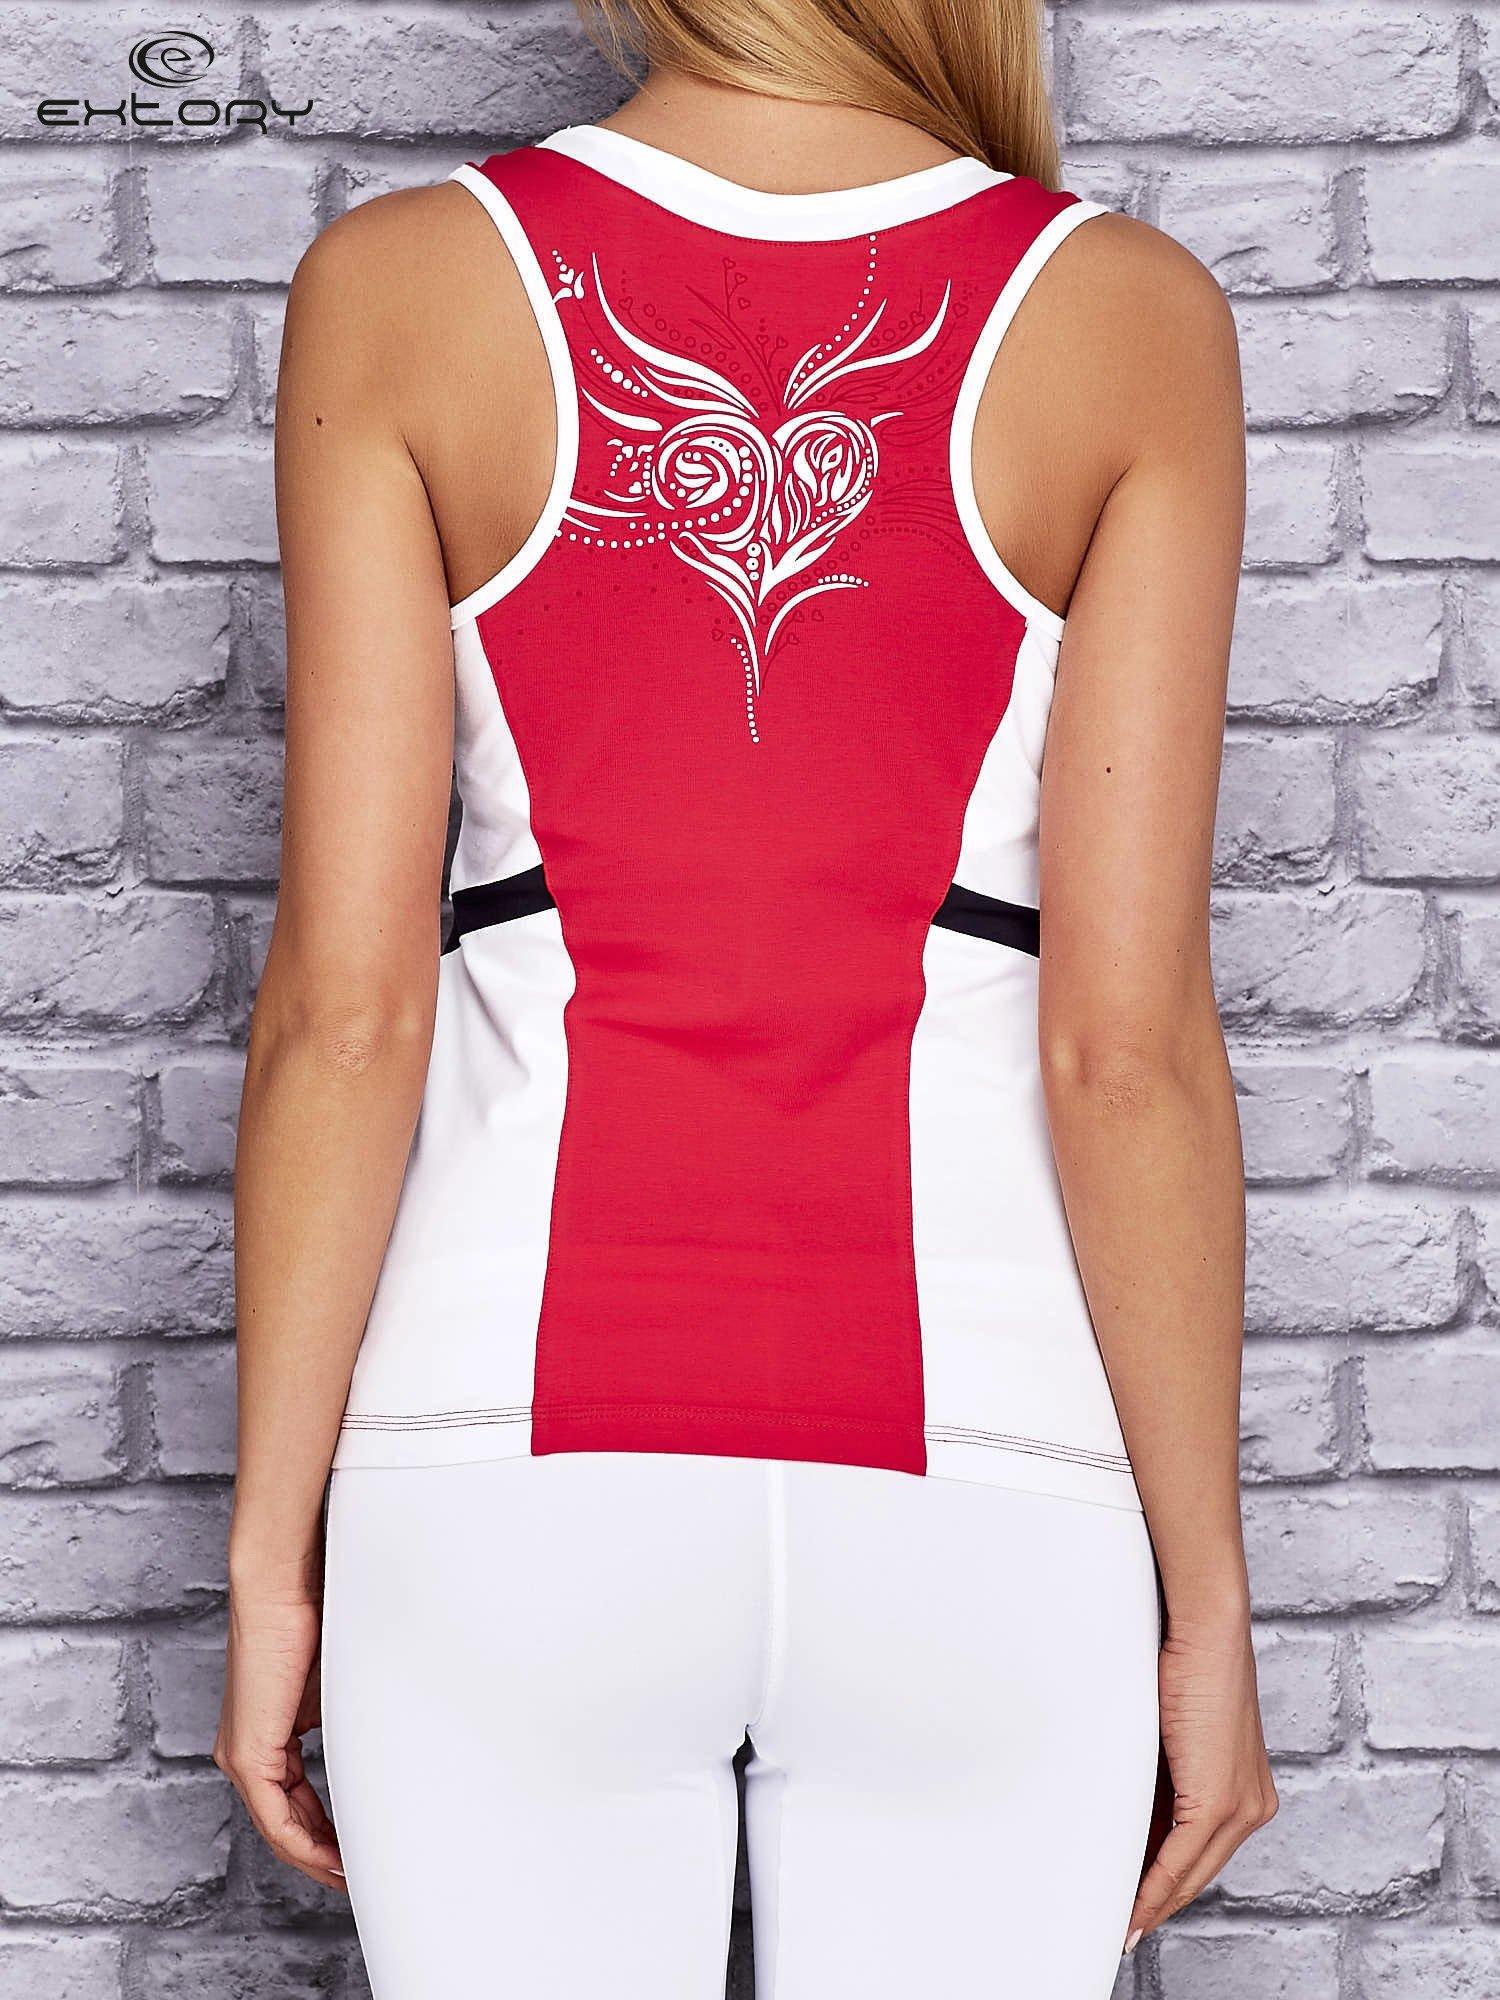 Różowo-biały damski top sportowy z nadrukiem na plecach                                  zdj.                                  2